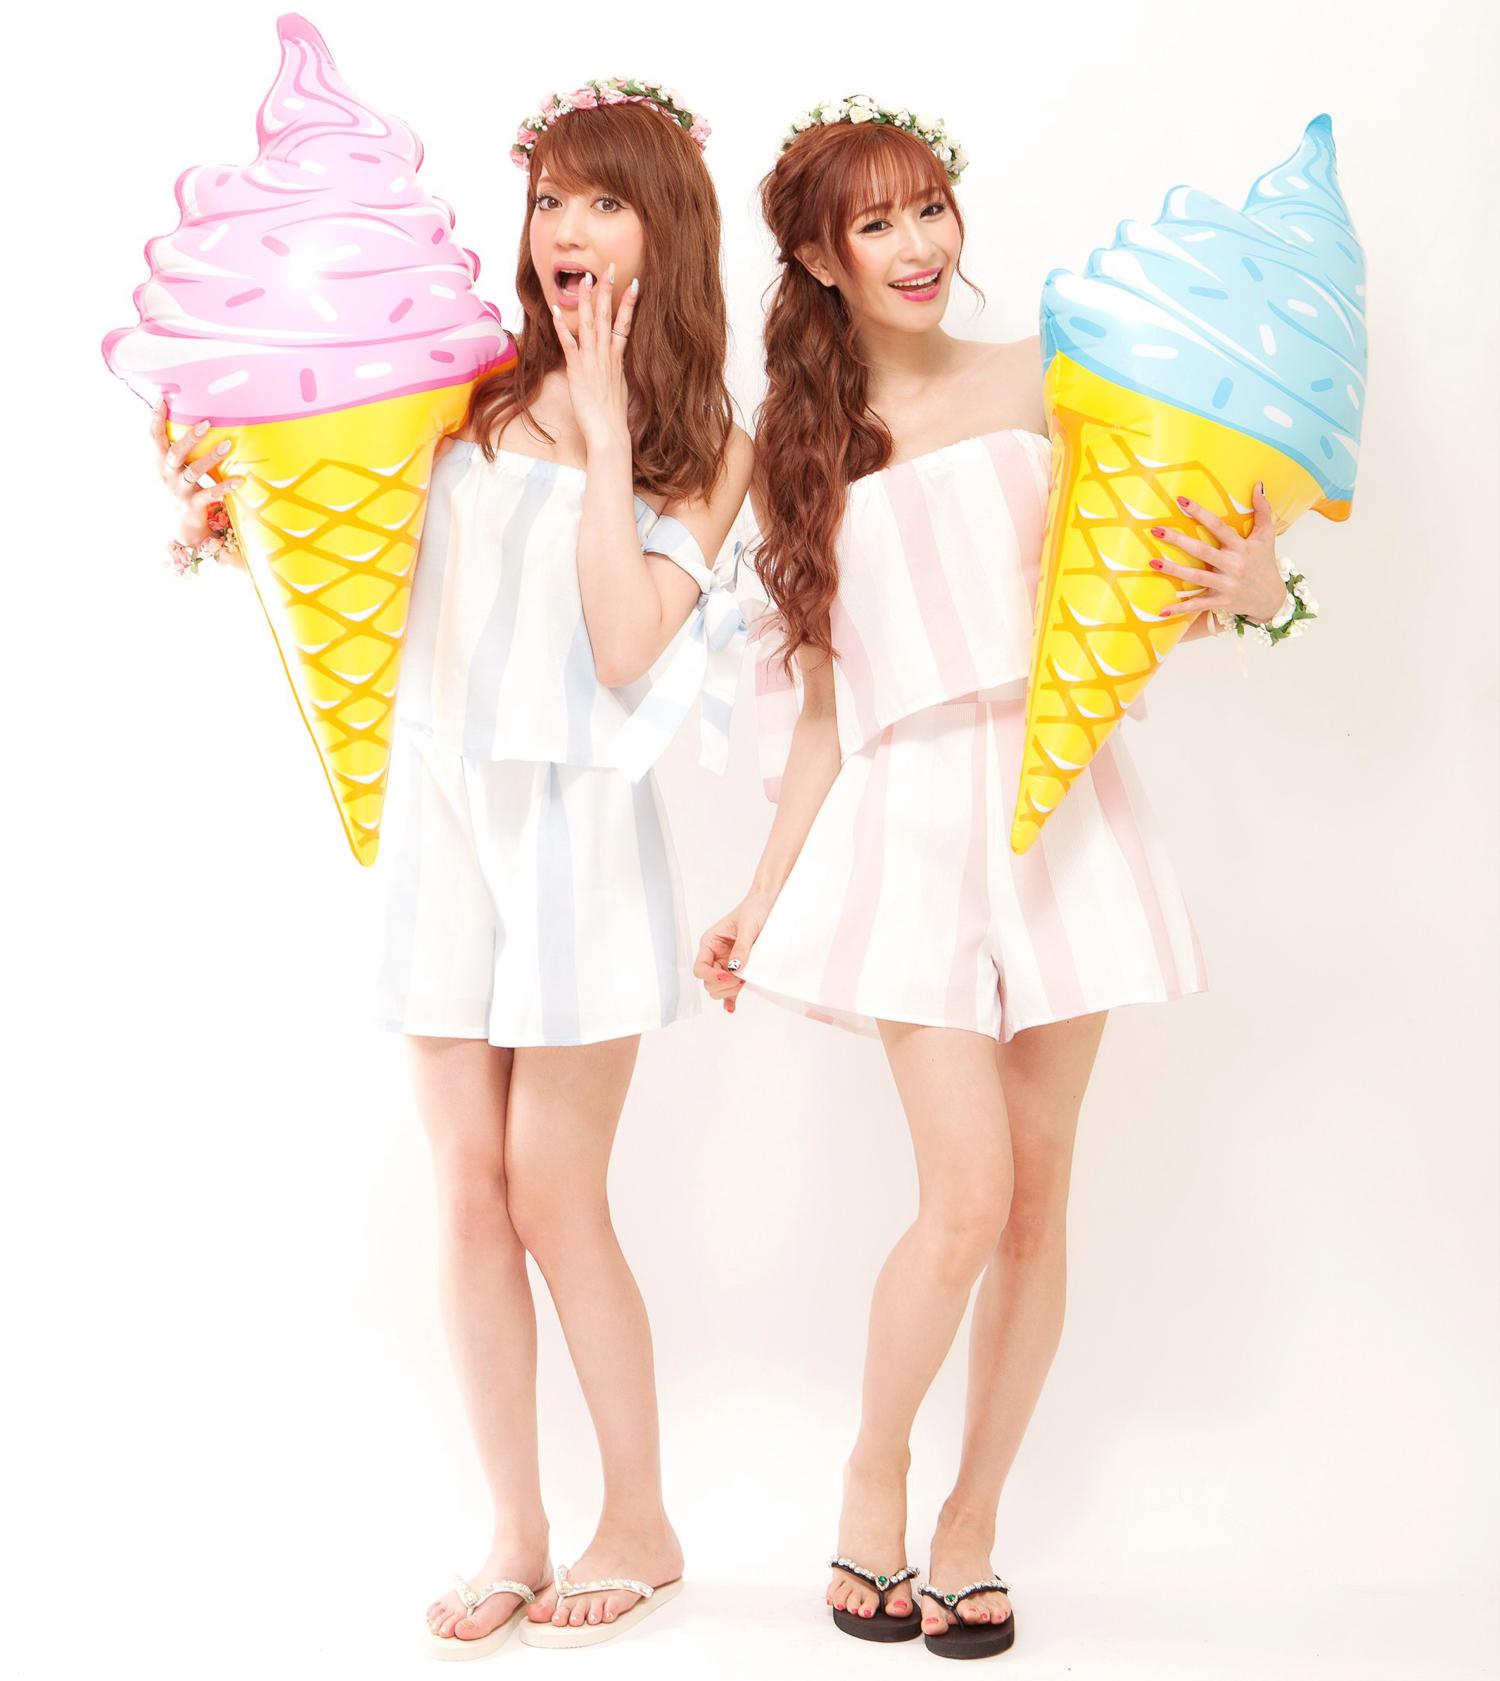 ソフトクリームアイスフロート♪